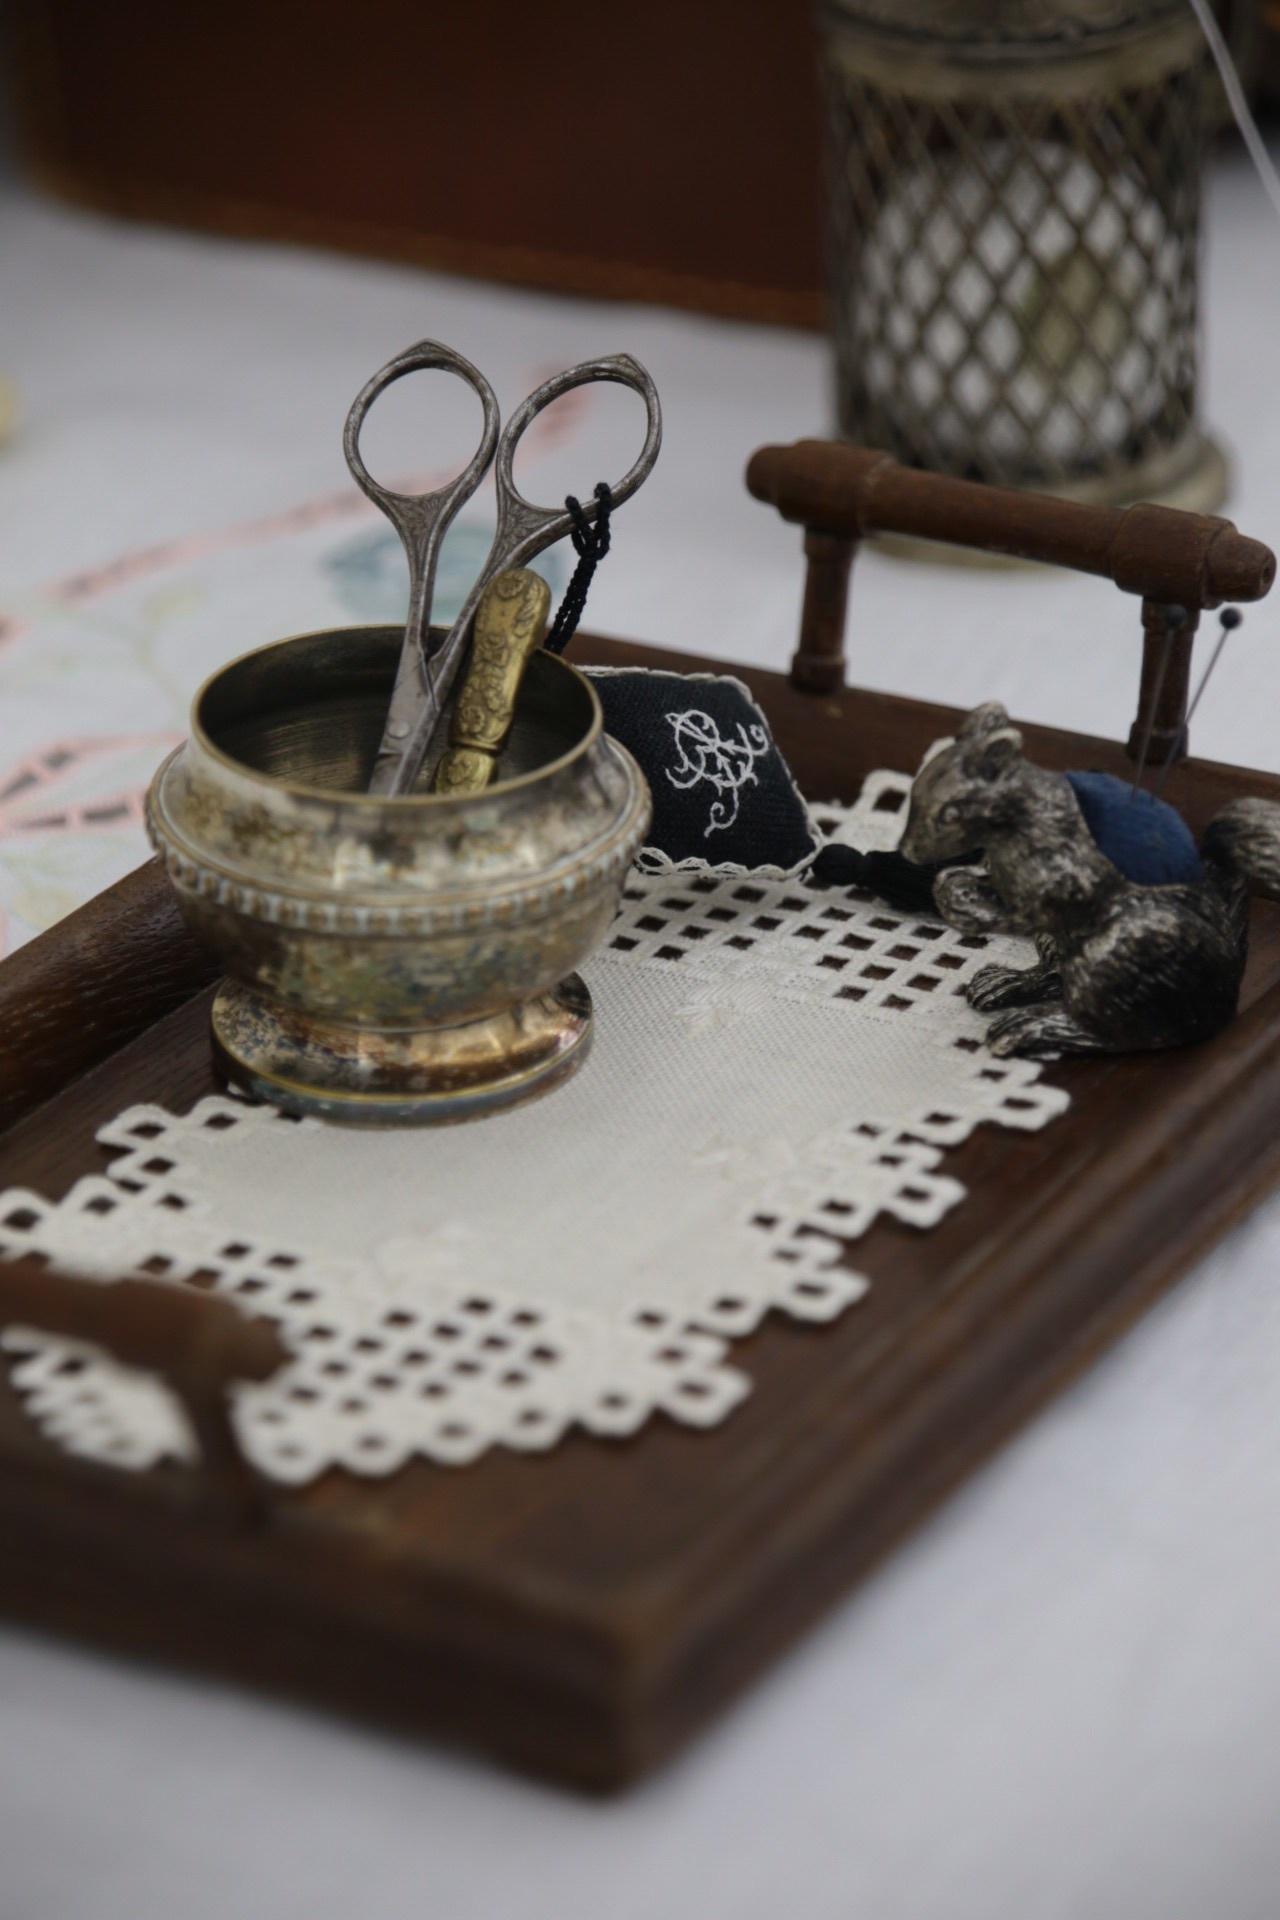 今西ゆき ヨーロピアン伝統刺繍教室展⑥_a0157409_20543395.jpg